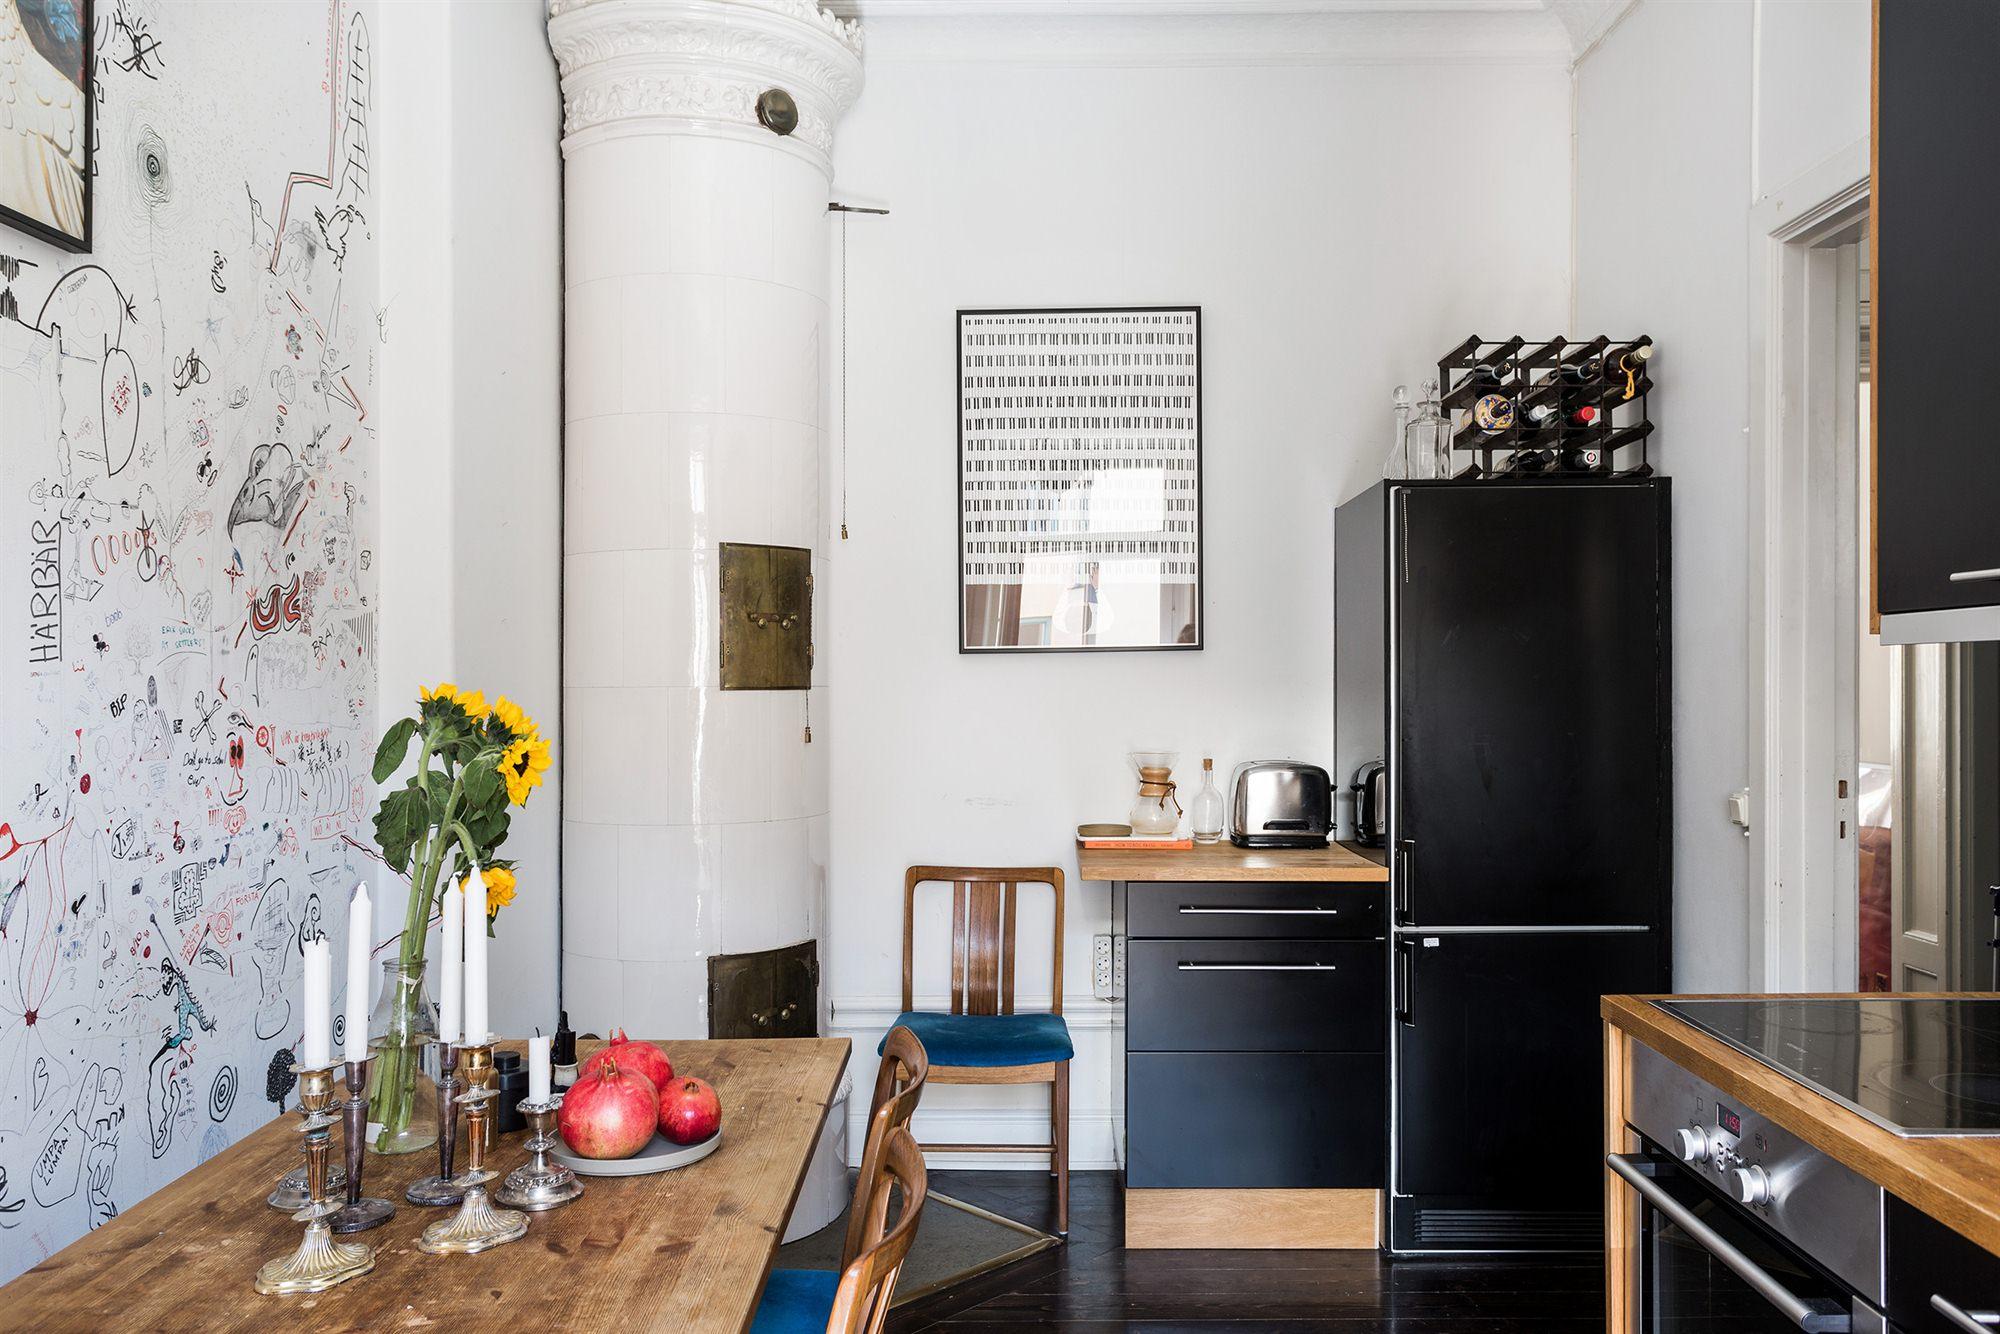 Gezellige woonkeuken in een klein appartement.jpg